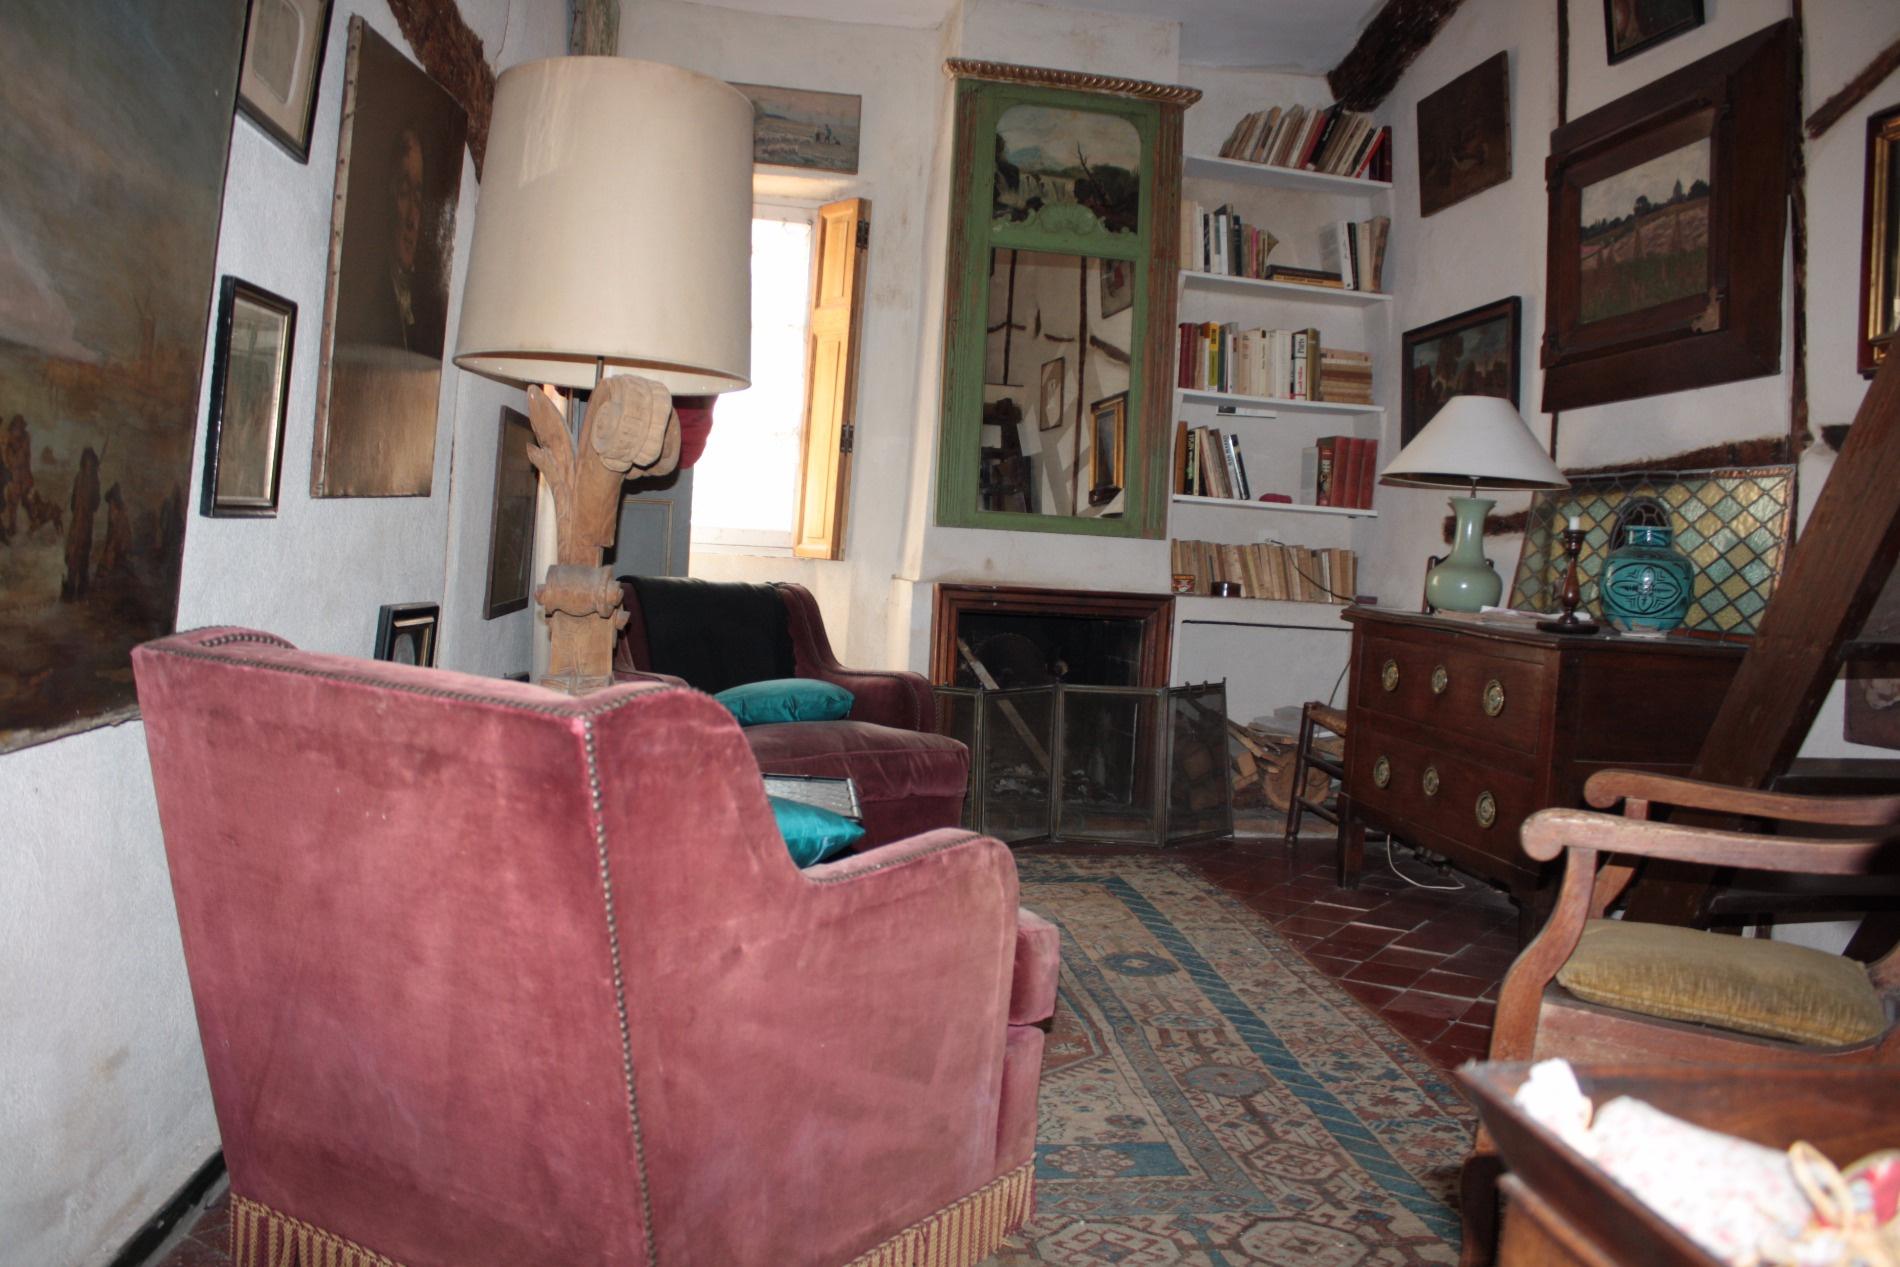 Vente hyeres coeur de ville maison atypique for Maison atypique 94